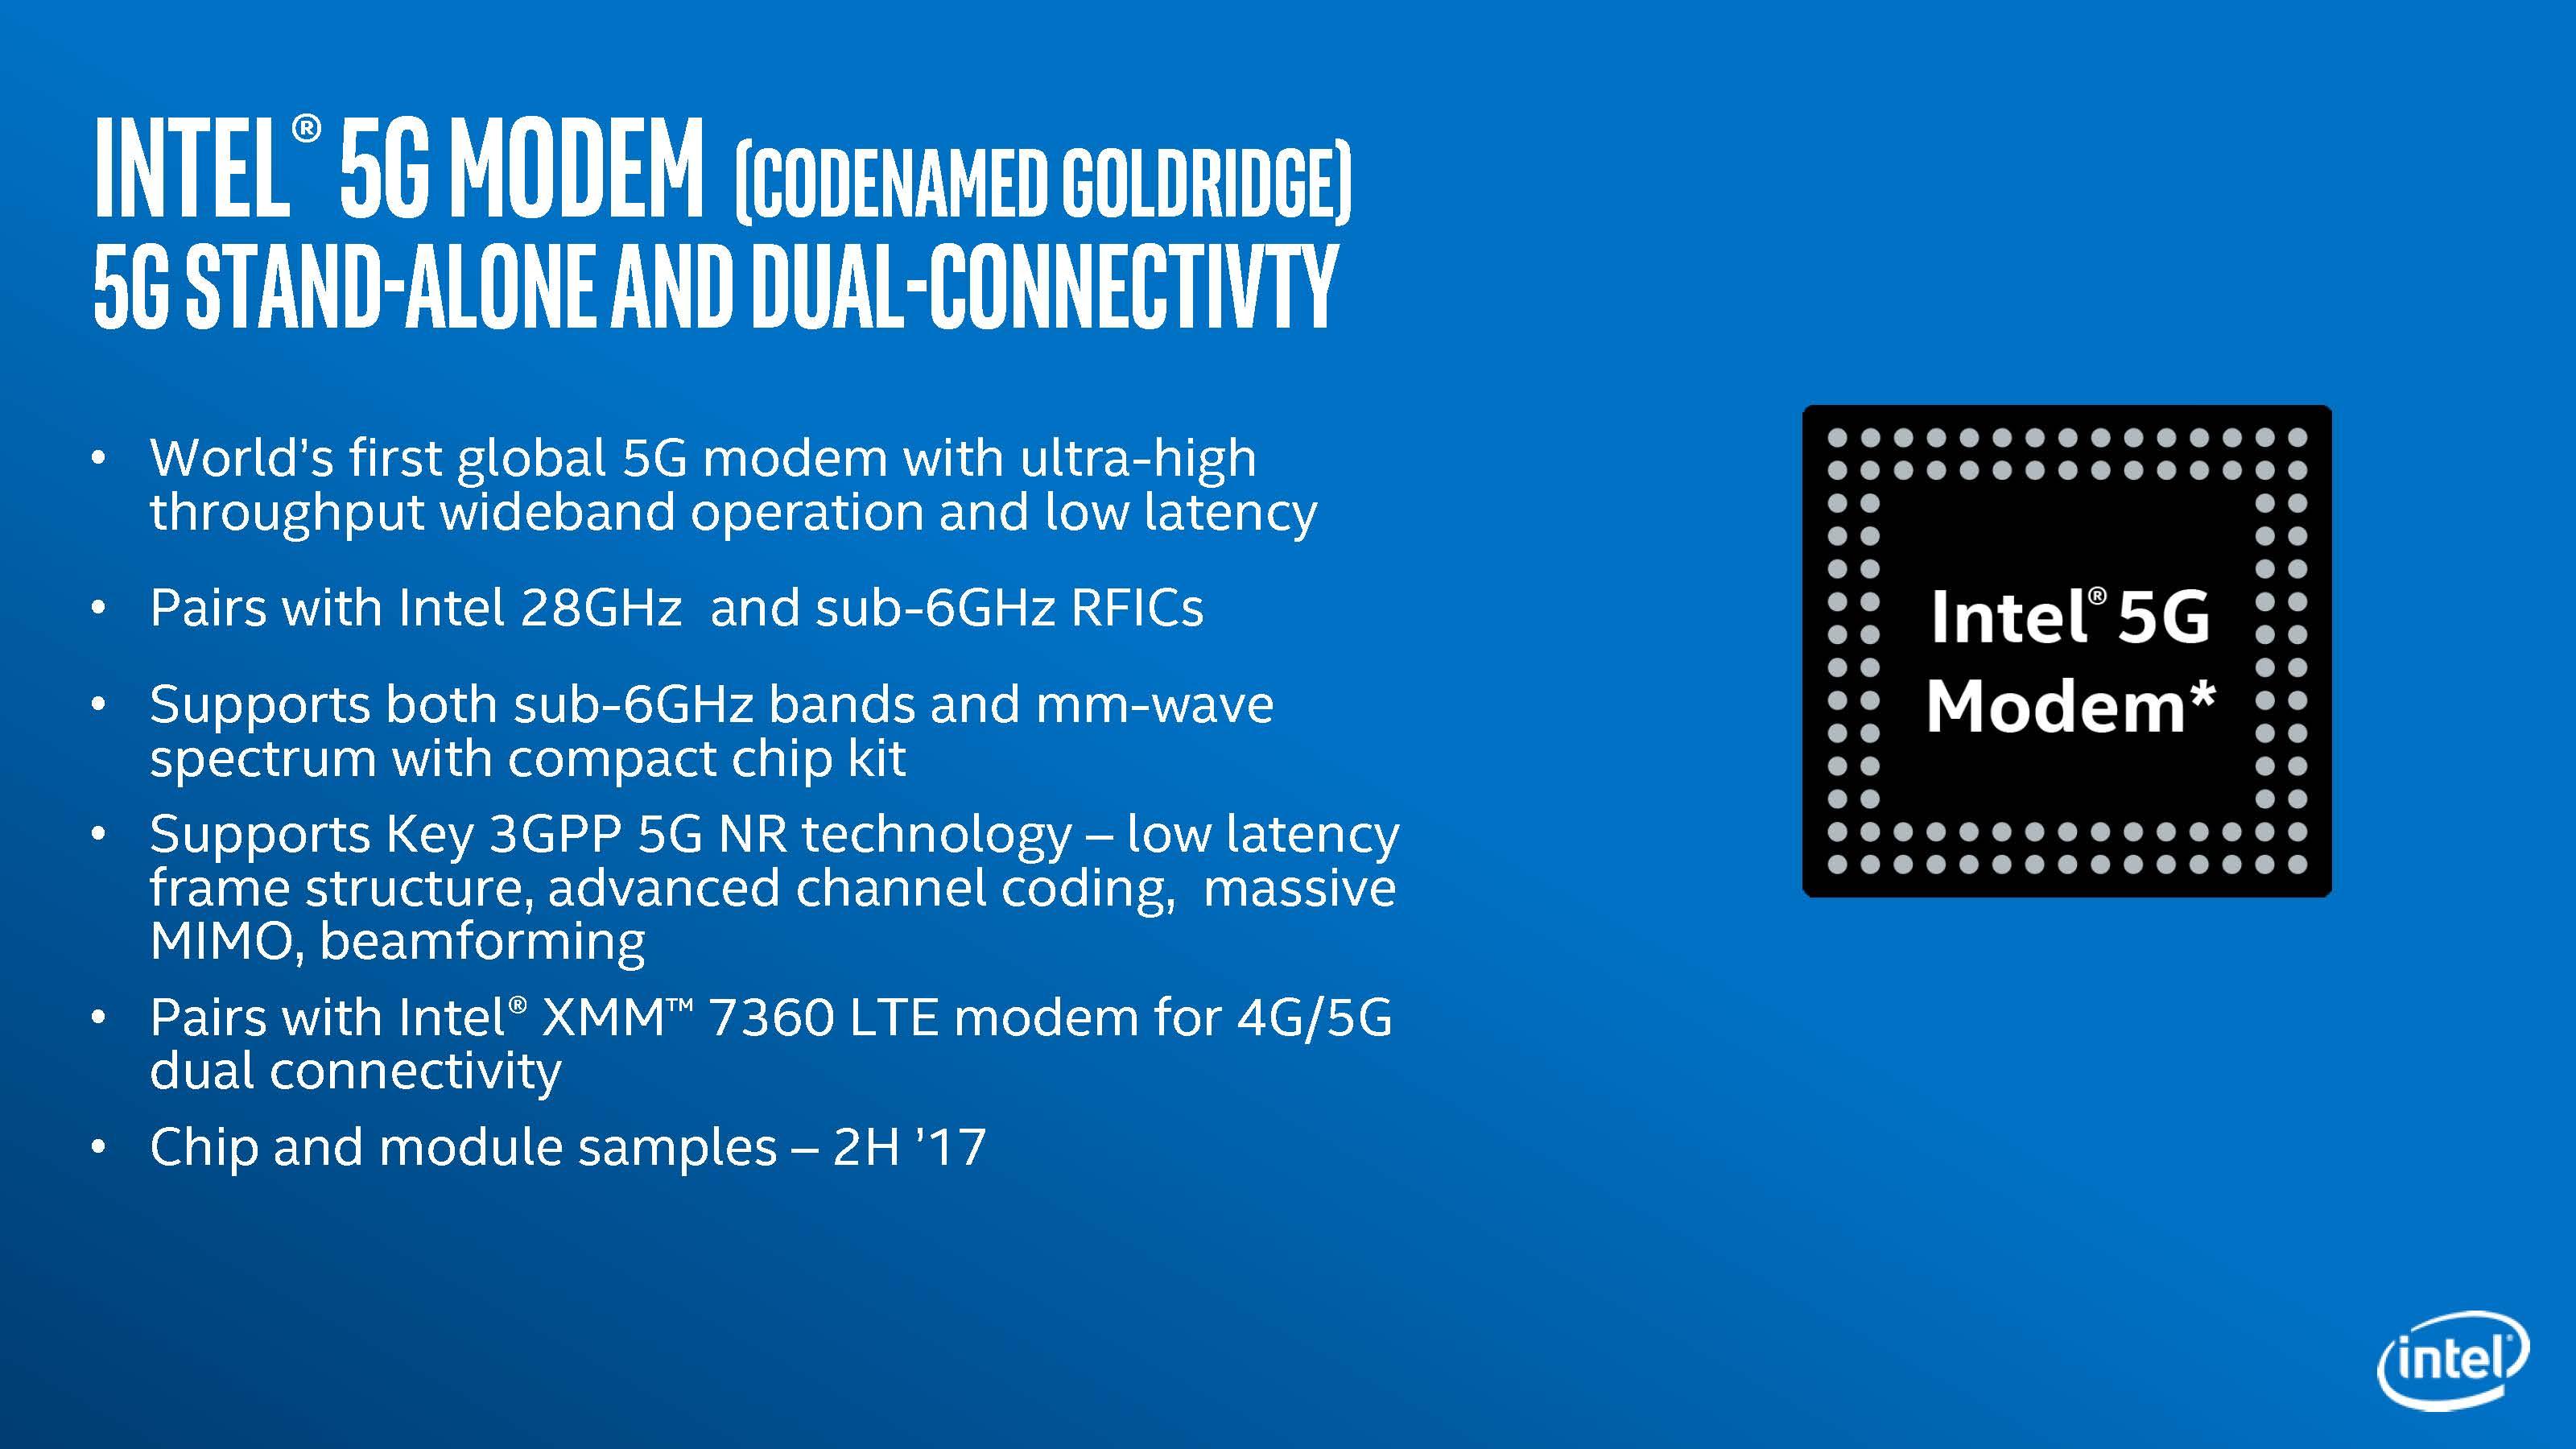 Intelが発表した世界初のグローバル周波数対応5Gモデム